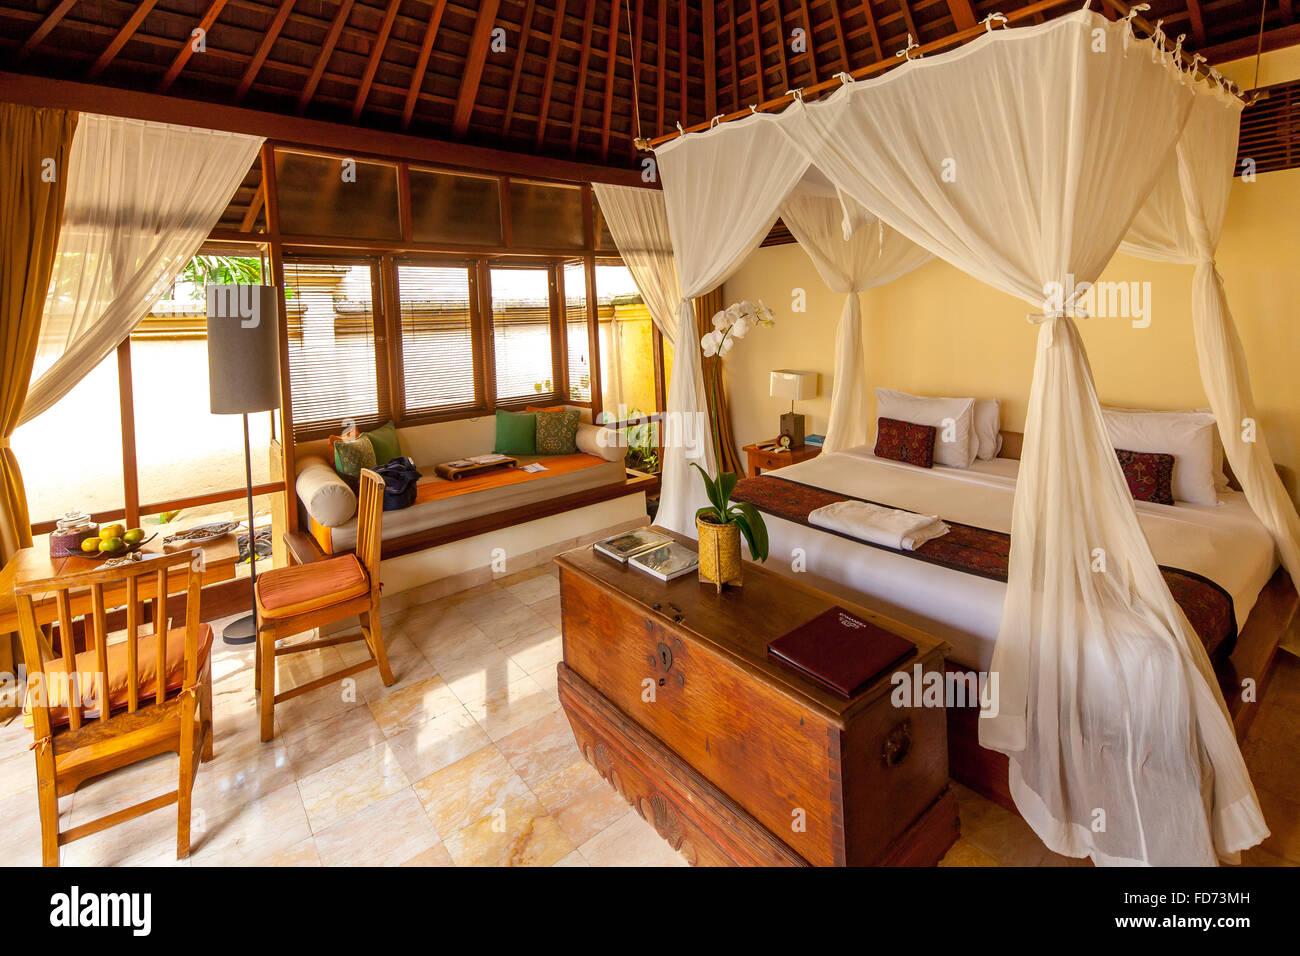 Camere con letto a baldacchino, turismo, Ubud, Bali, Indonesia, Asia Immagini Stock